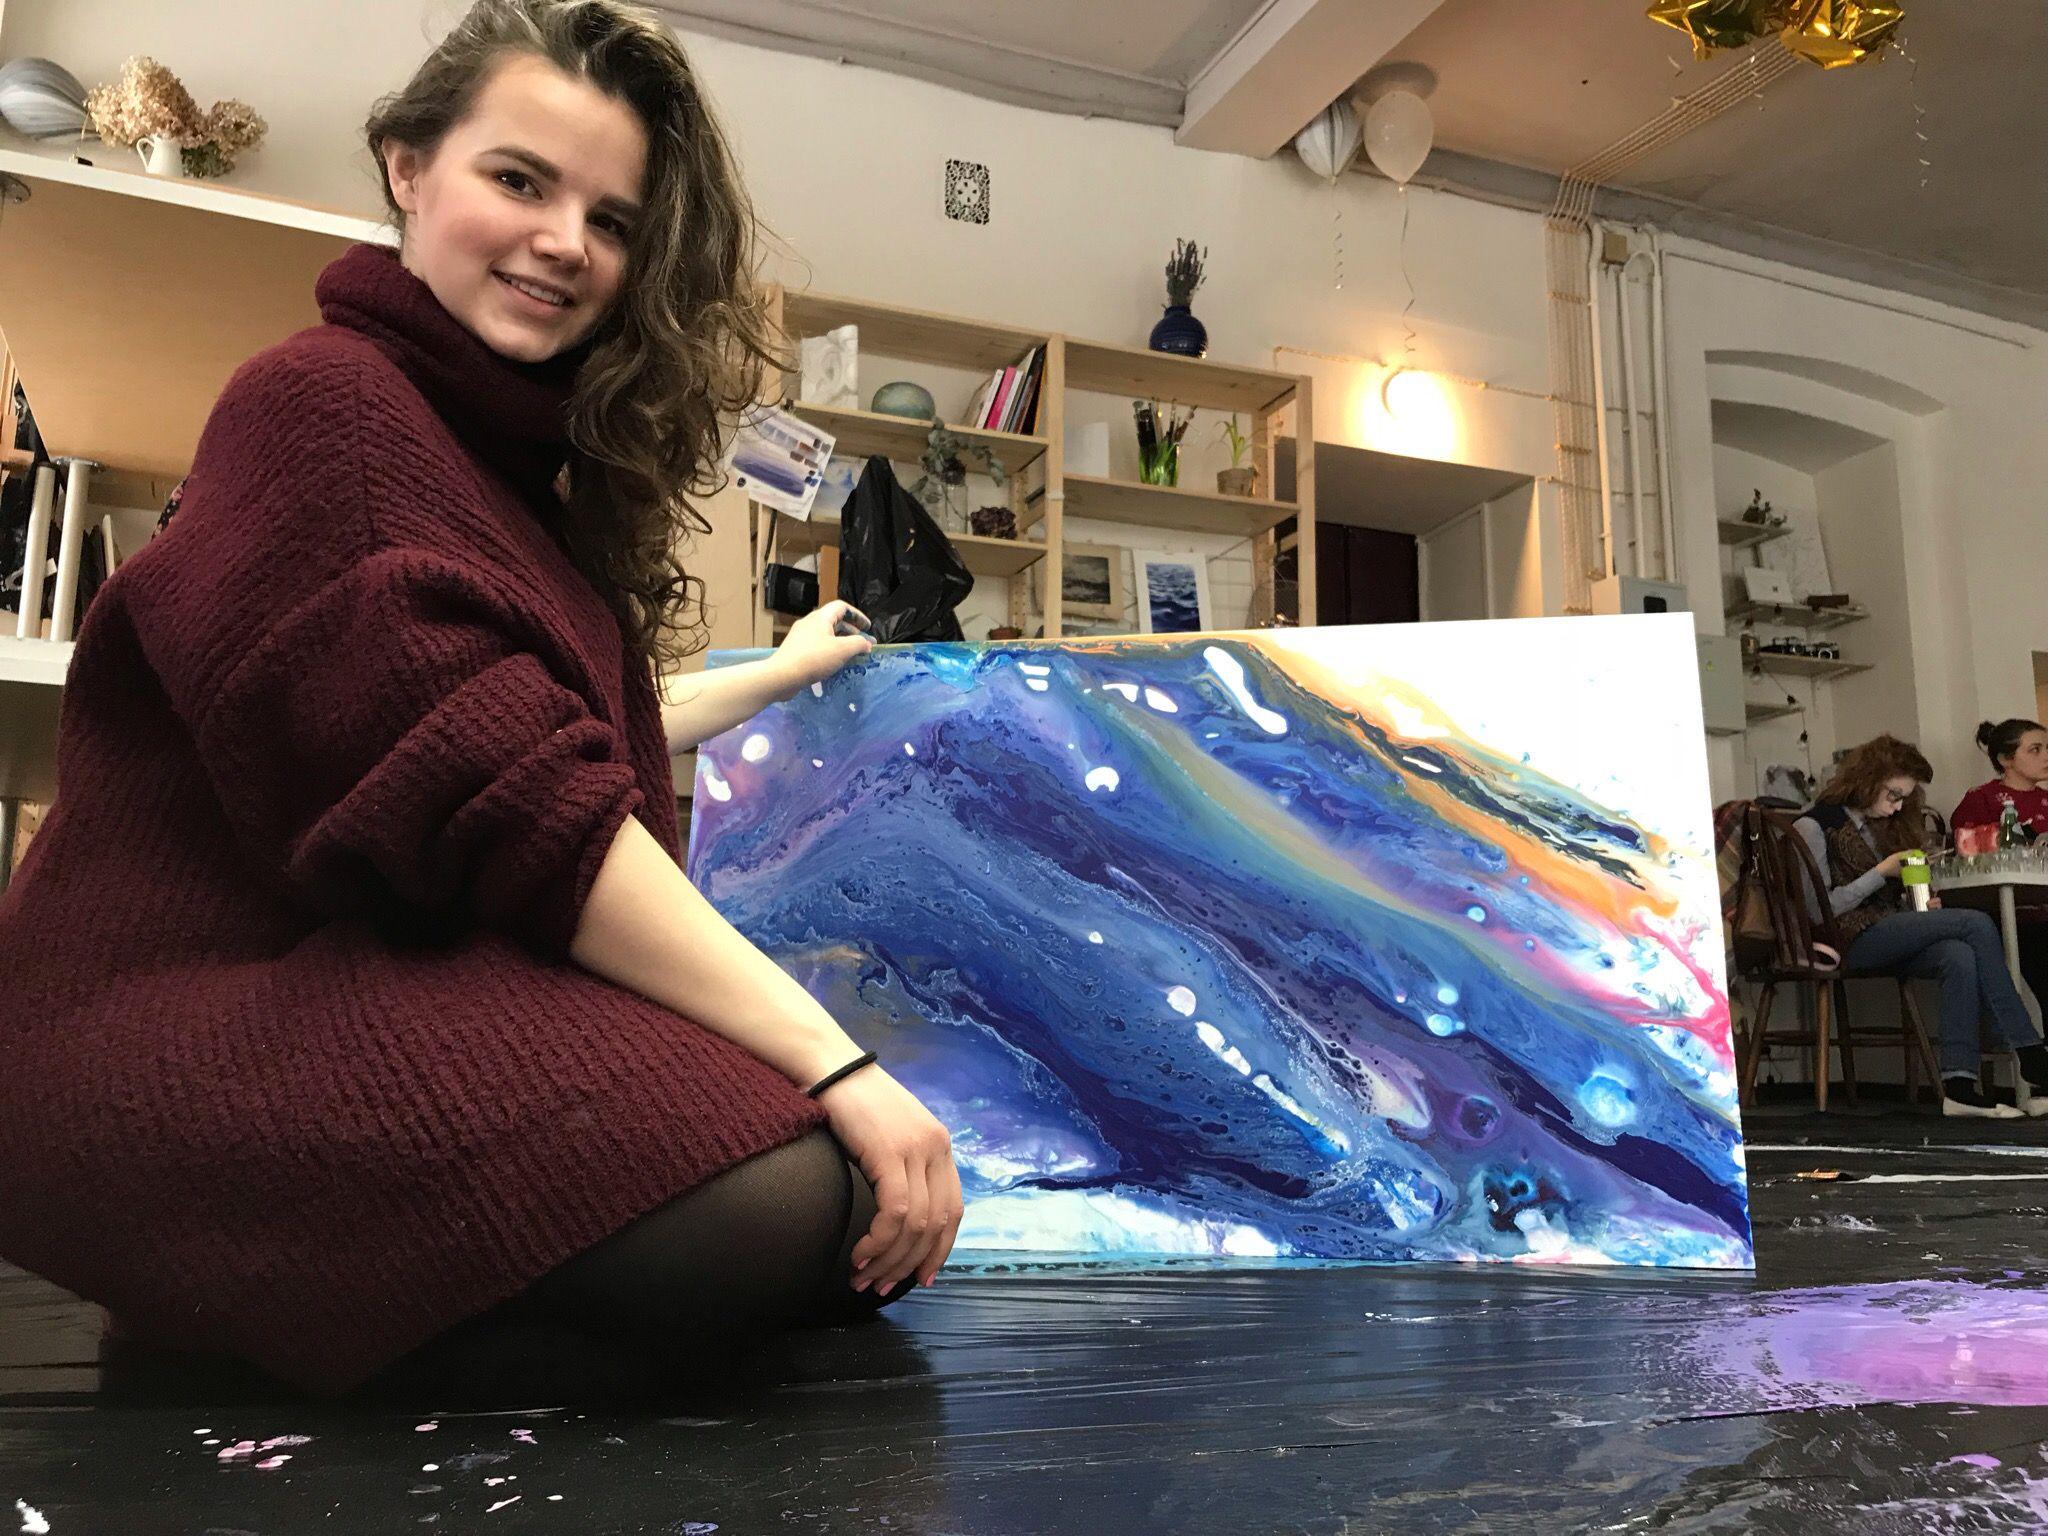 Мастер-класс по абстрактной живописи в технике жидкого акрила в студии рисования Zuart фото 3